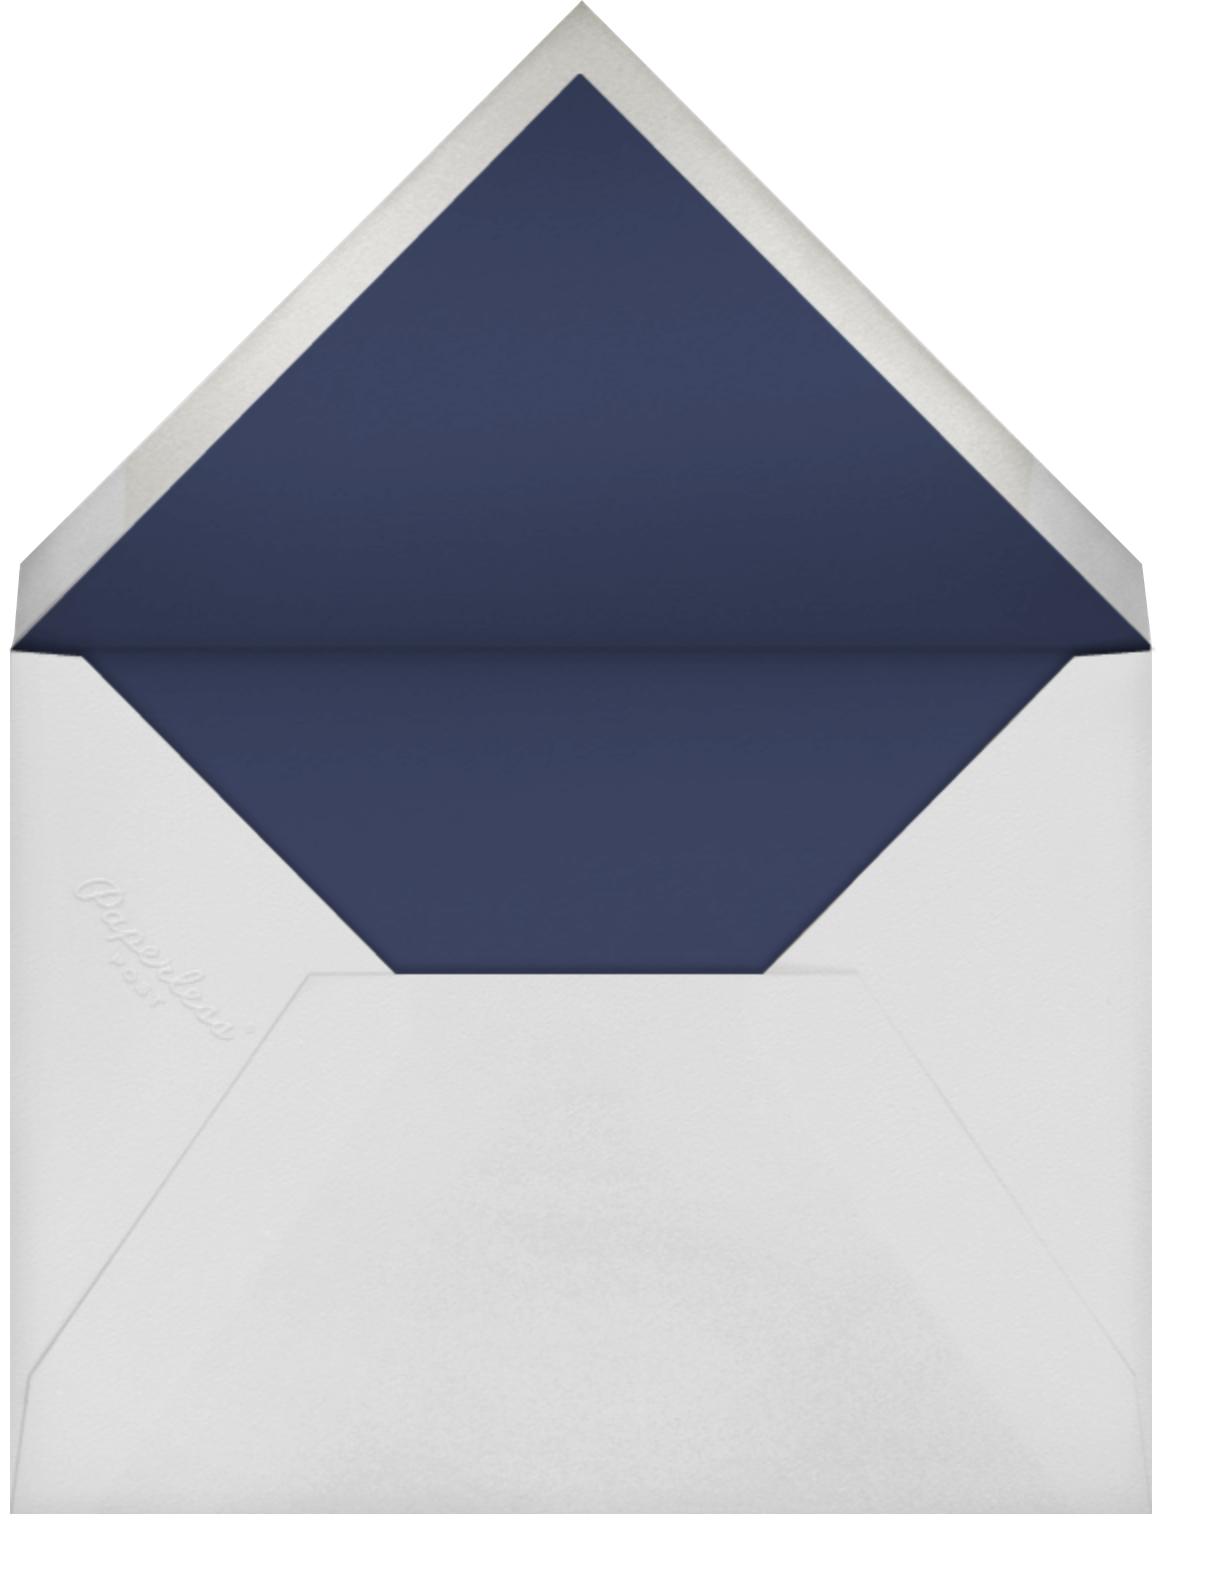 Vignette - Paperless Post - Envelope